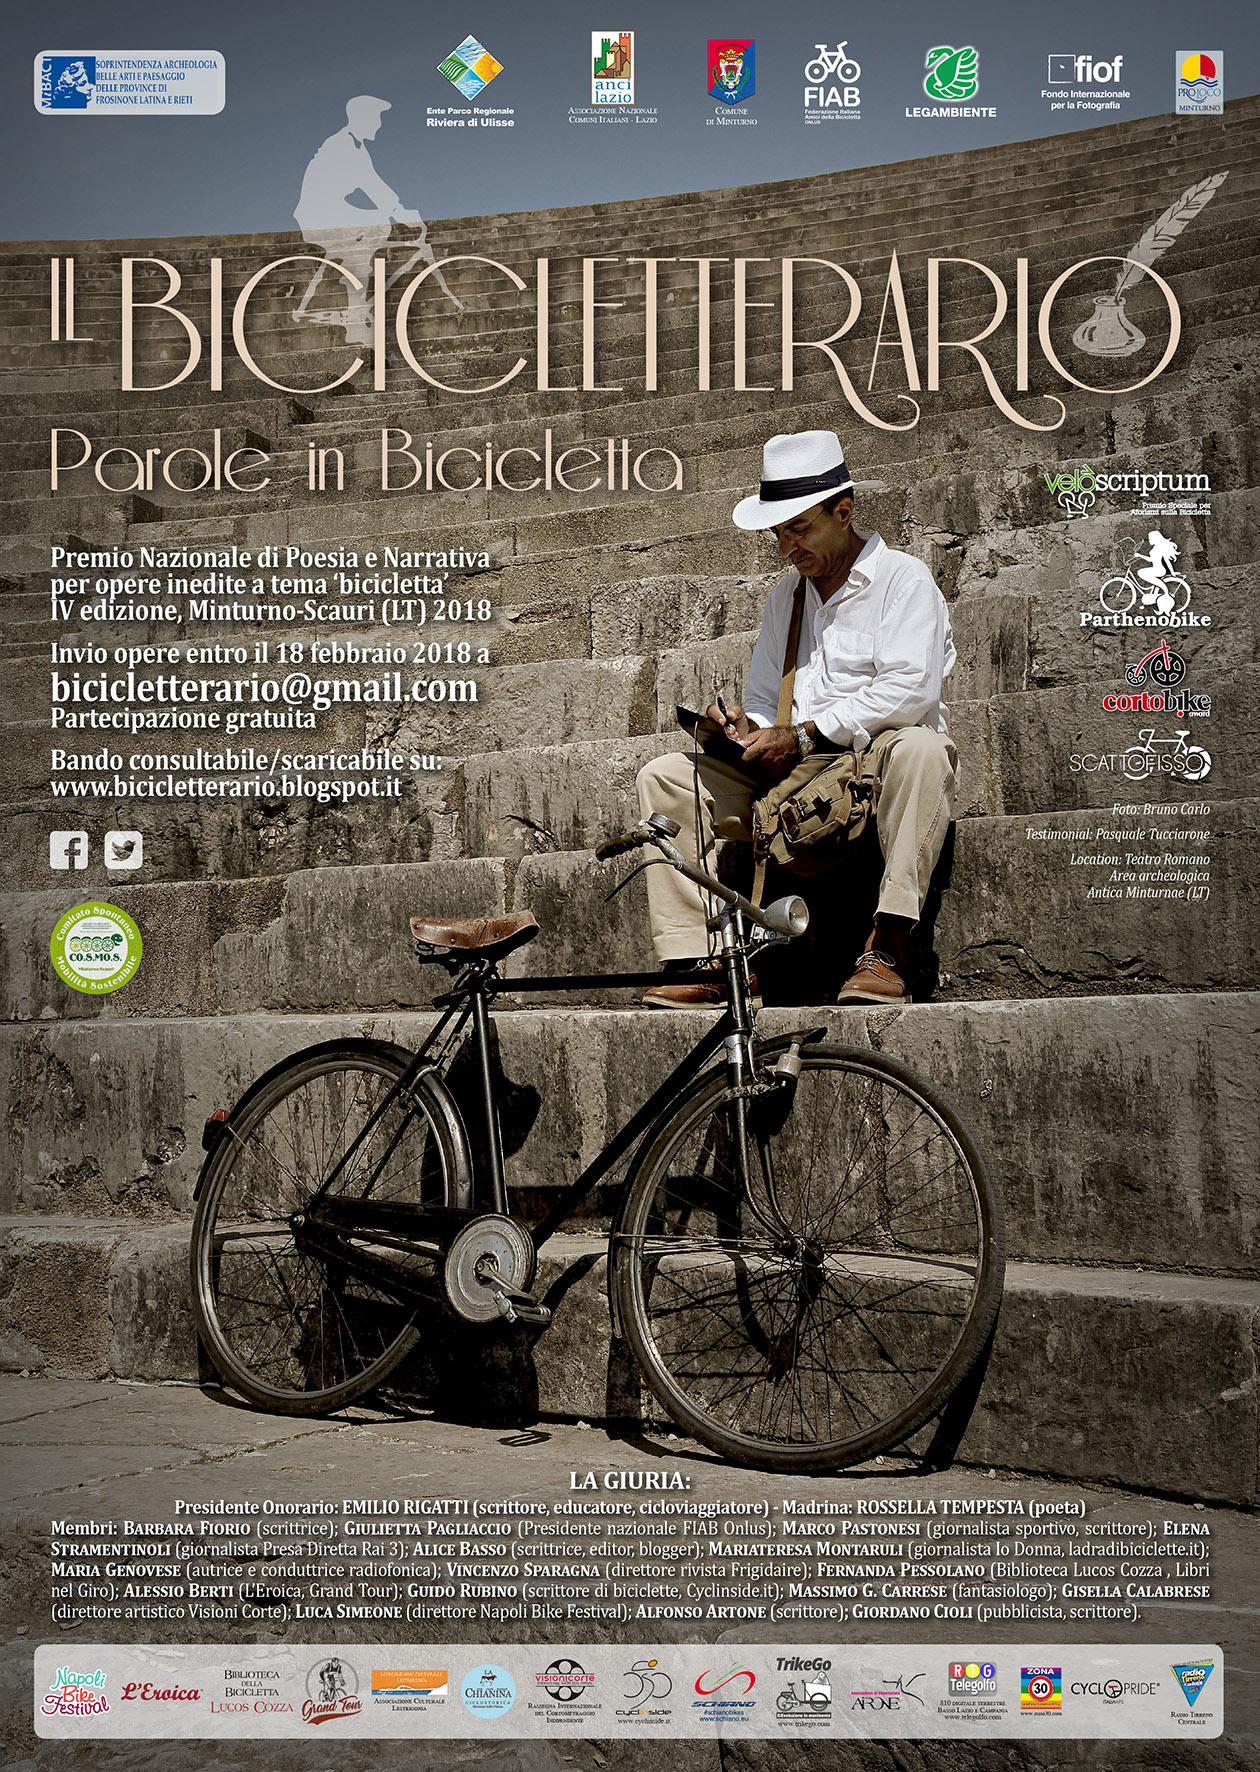 Il Bicicletterario – Parole in Bicicletta